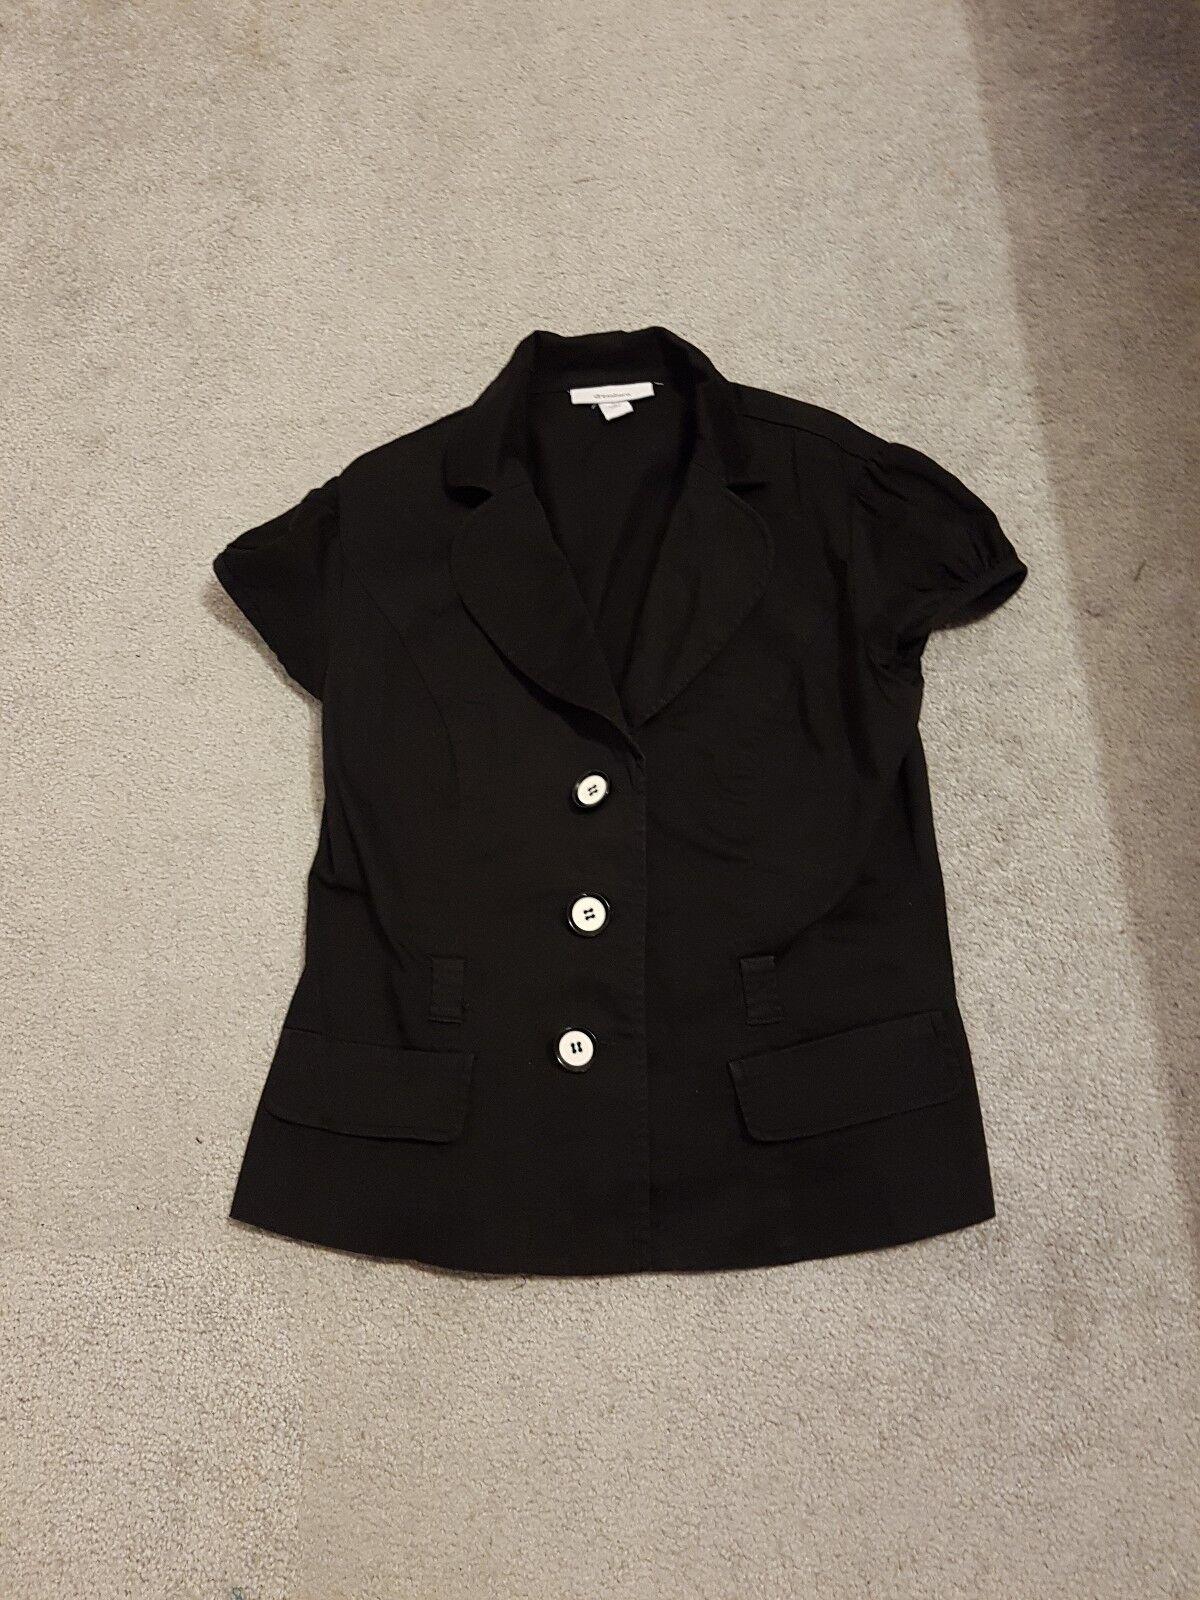 Short Blazer (Dressbarn-USA), Size 8, Black